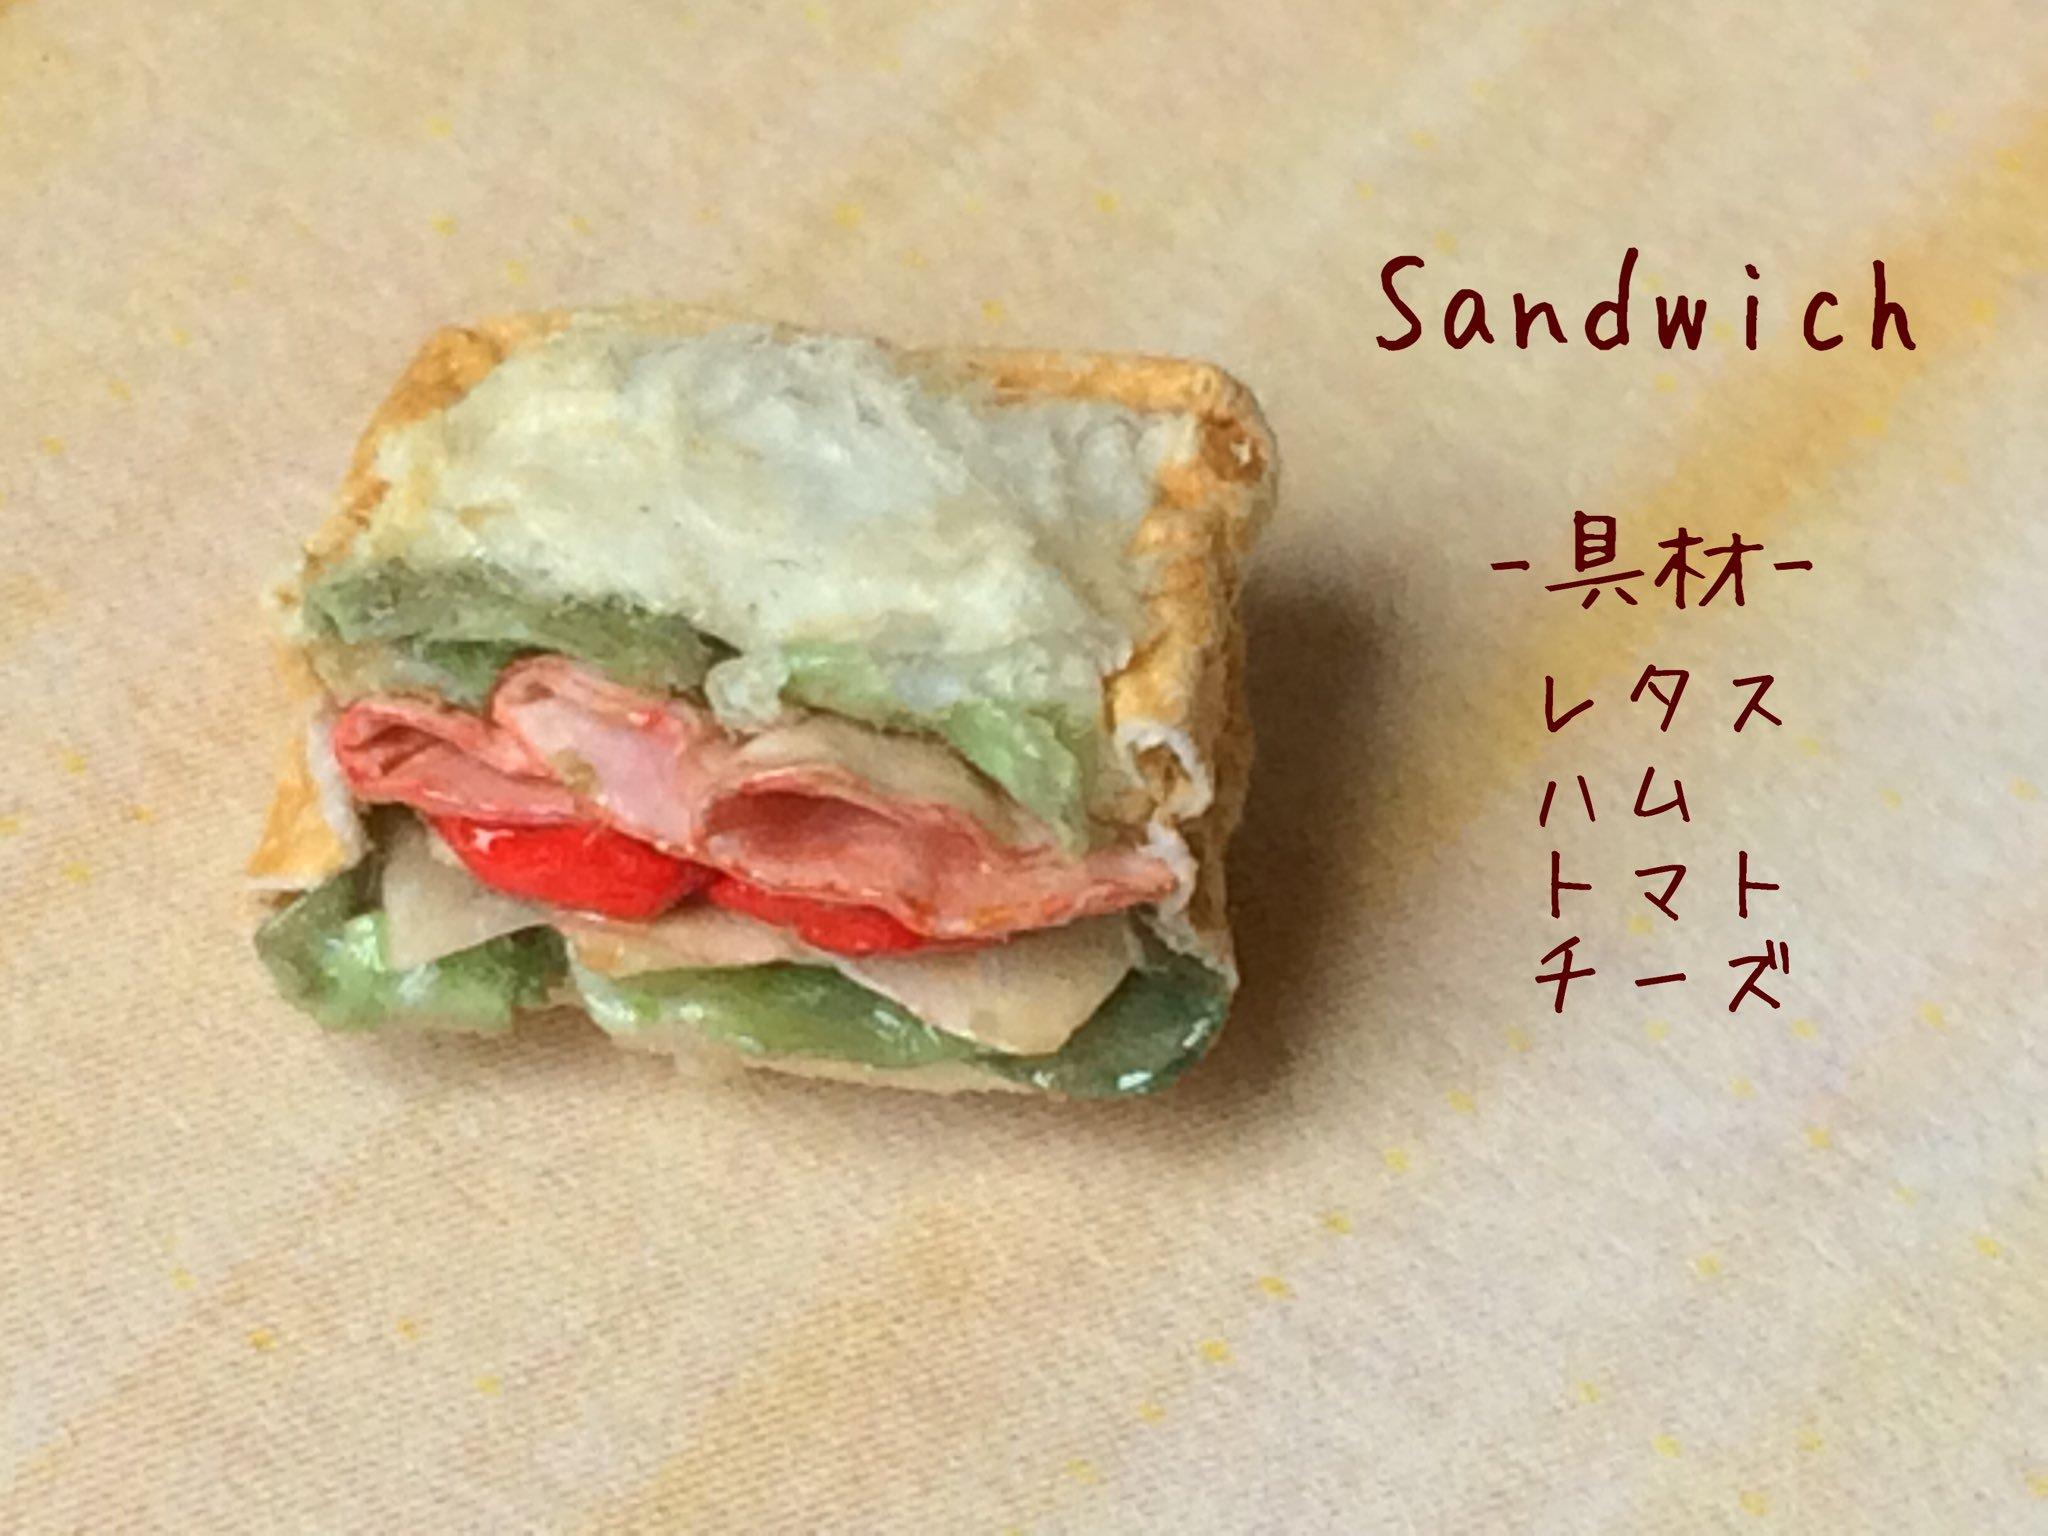 折り紙細工,ペーパークラフト,ミニチュアフード,サンドイッチ,パン